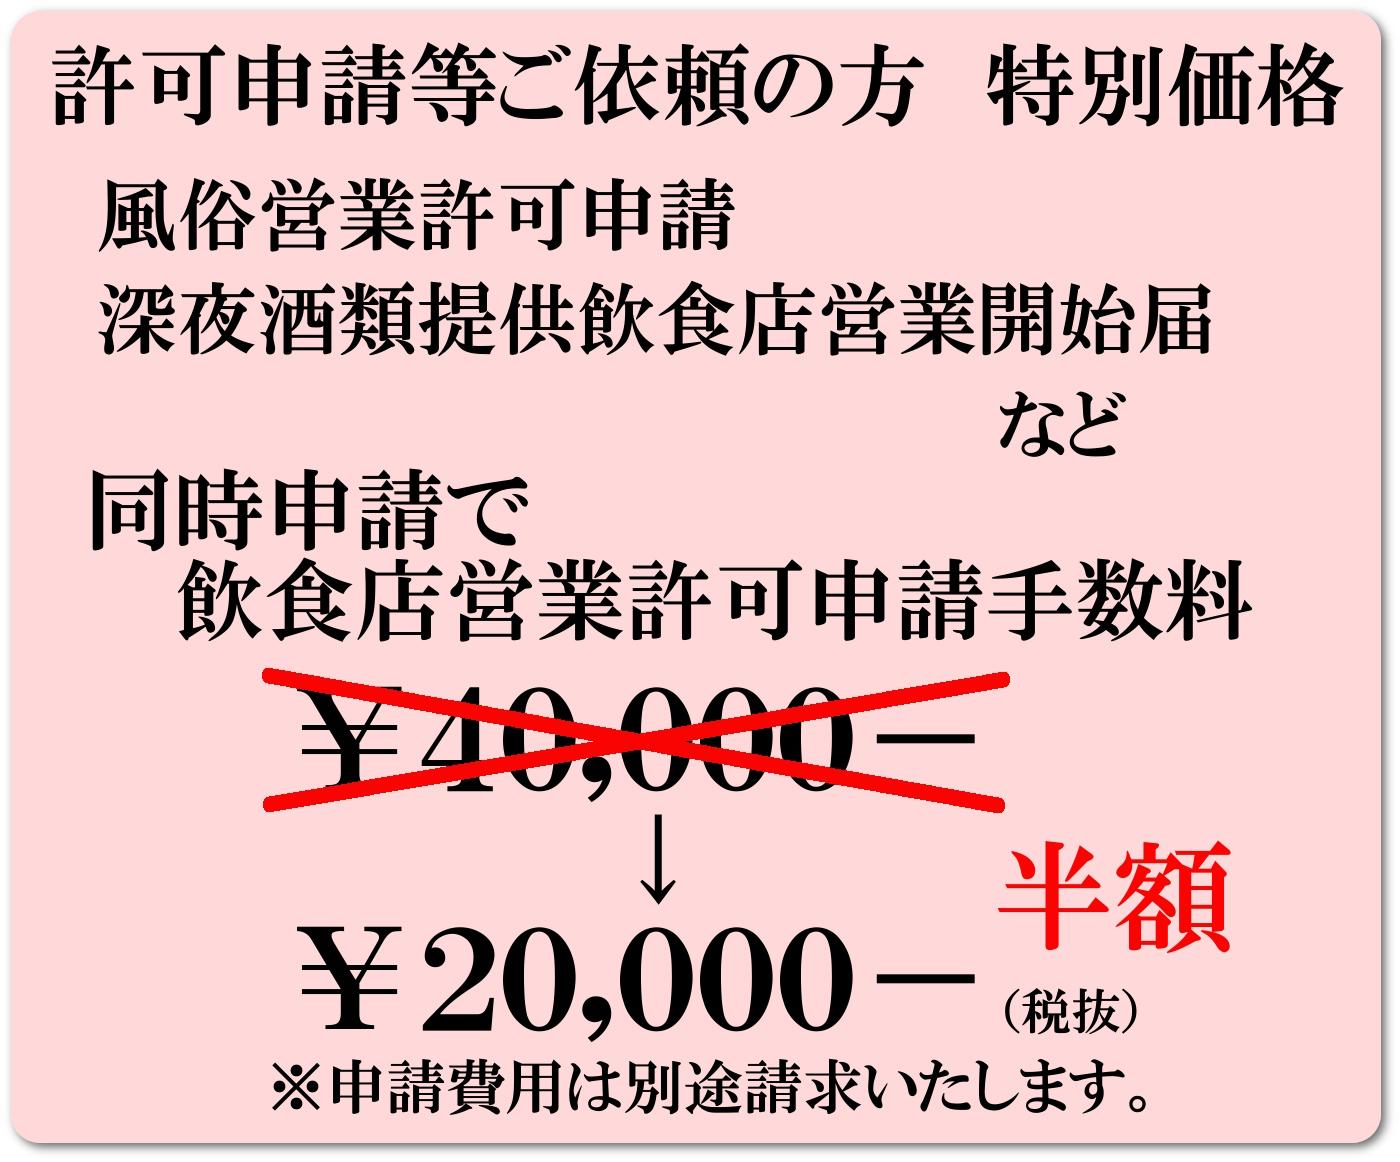 飲食店営業許可を同時にご依頼で半額の¥20,000